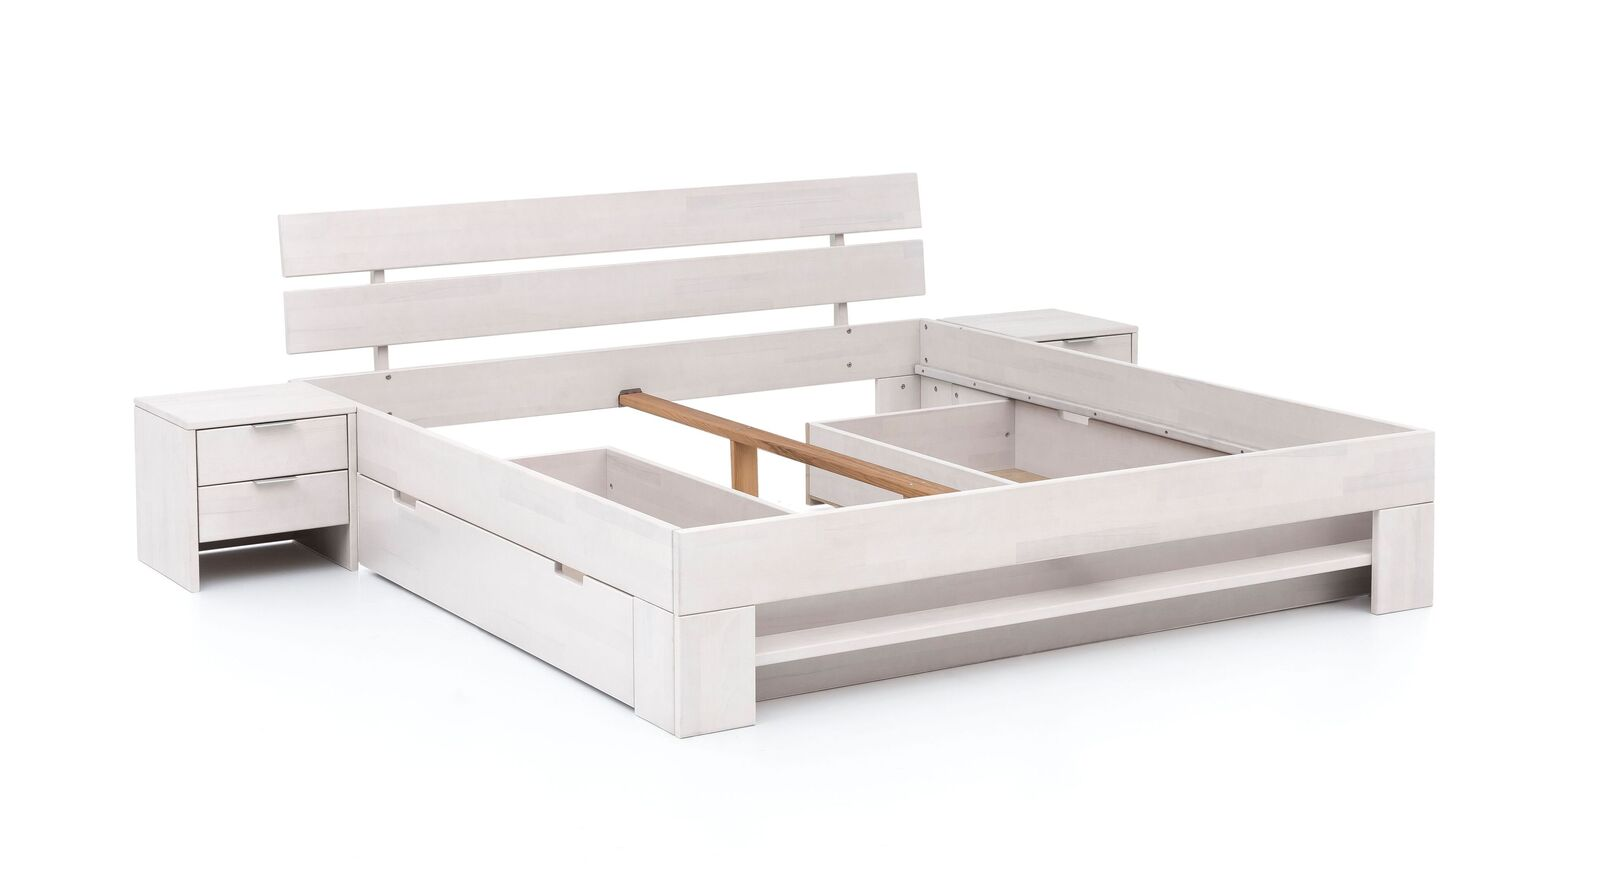 Schubkasten-Bett Valor inklusive Mittelholm